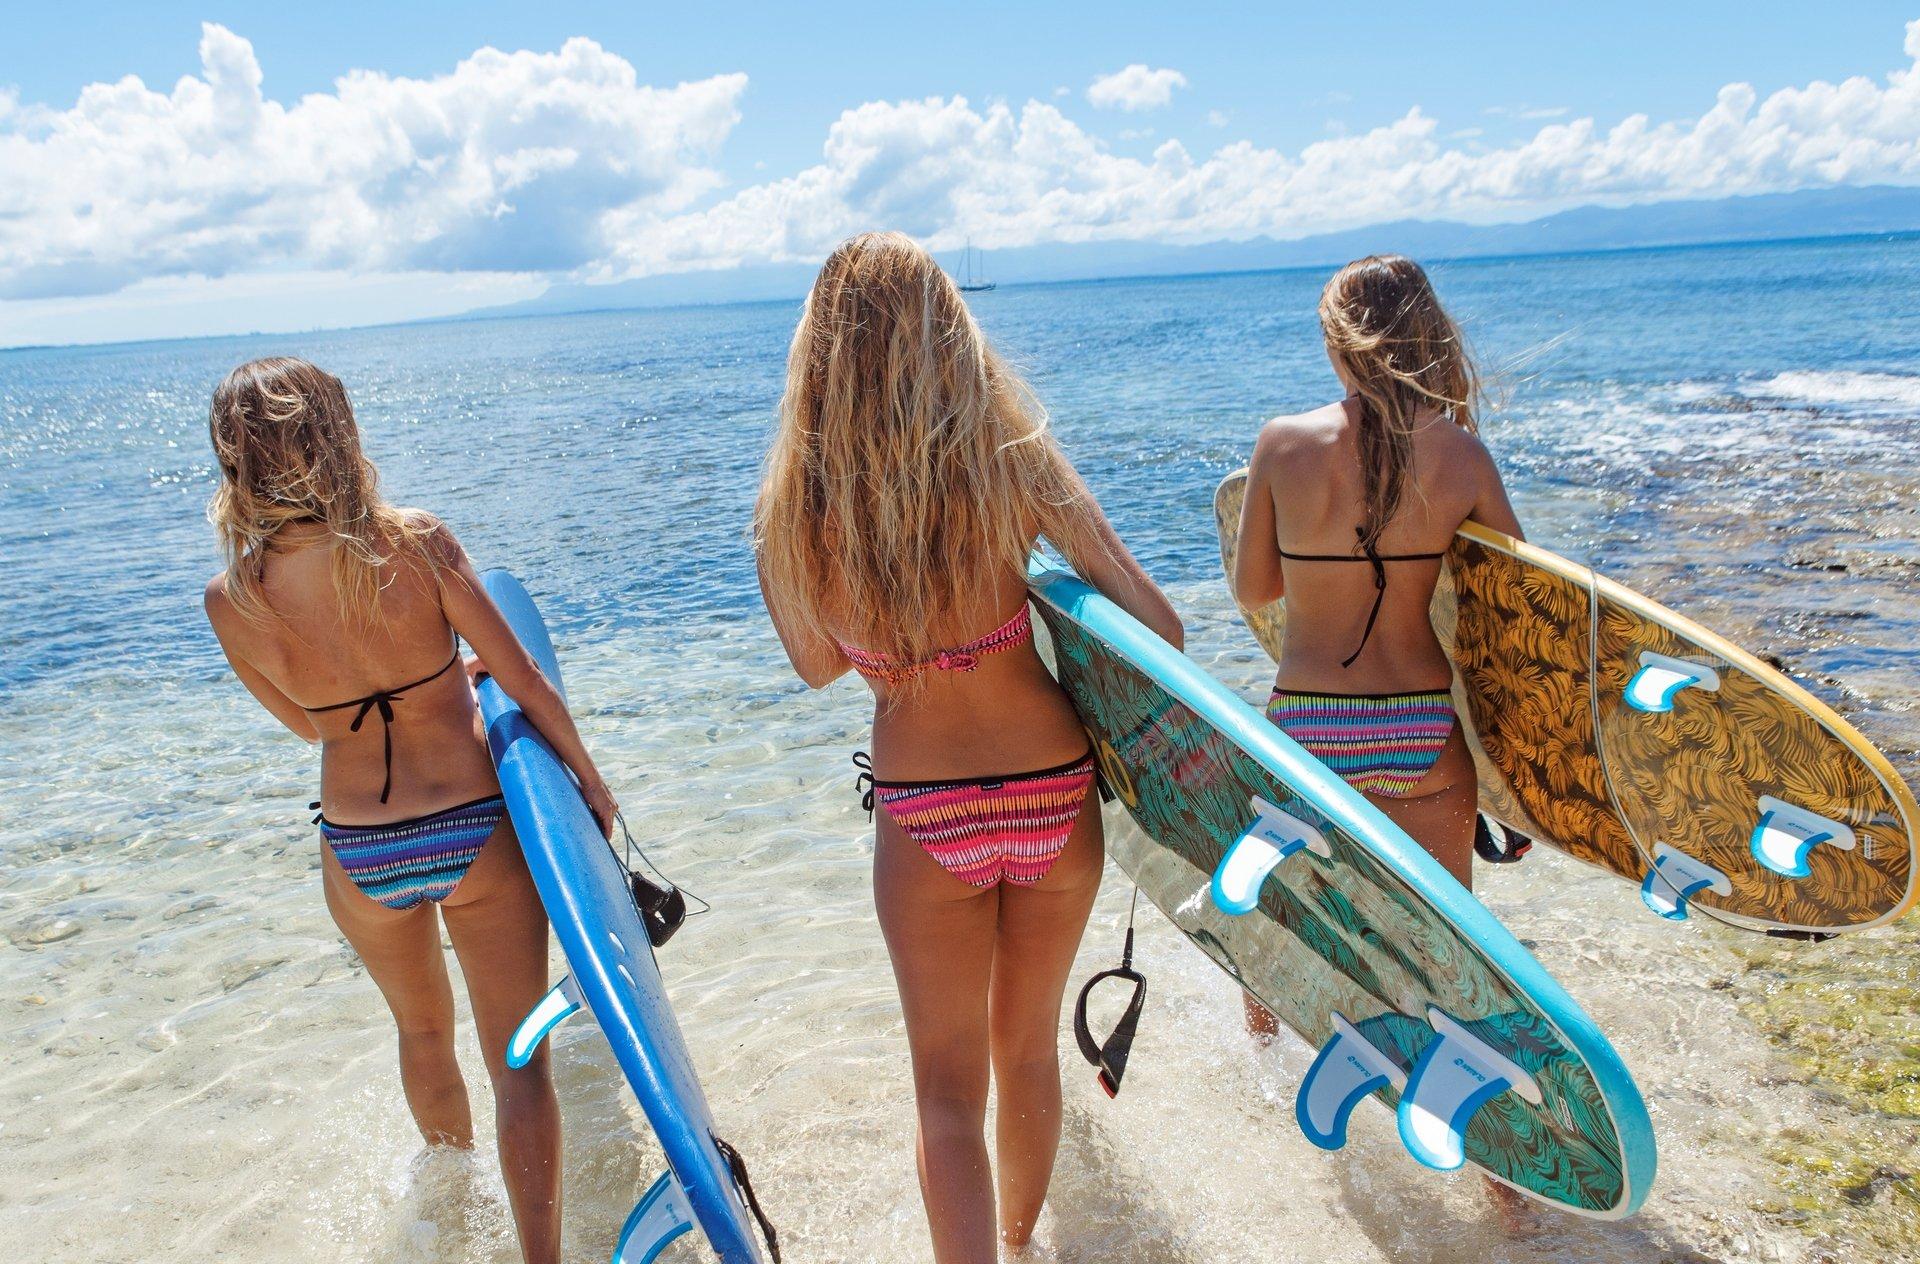 Nowa kolekcja strojów kąpielowych Olaian by Decathlon